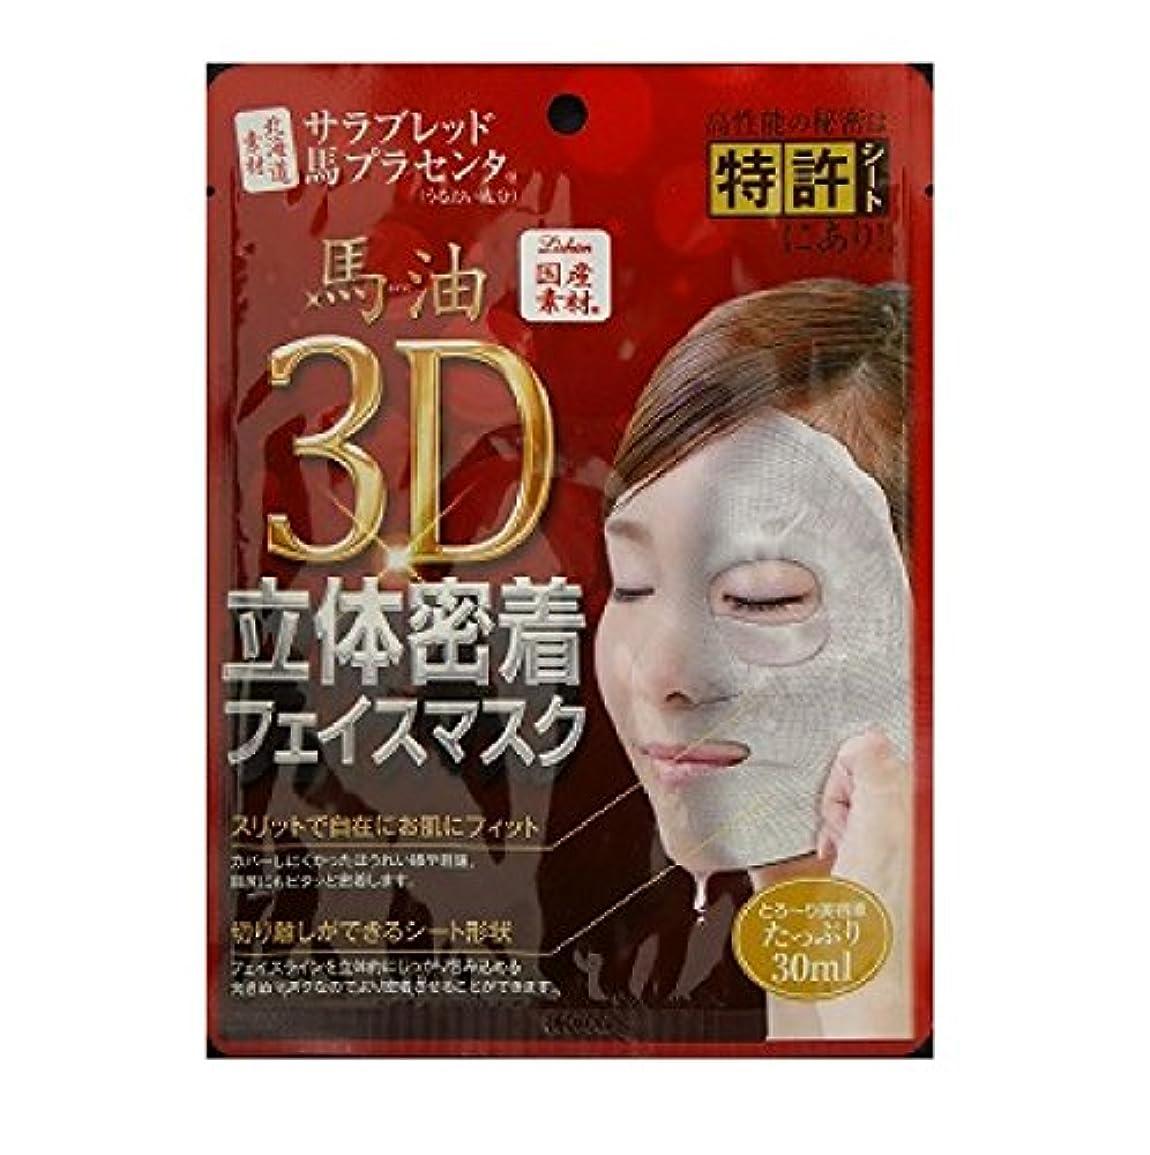 バーターイタリック謙虚なナヴィス リシャン馬油3D立体密着フェイスマスク無香料 1枚入り